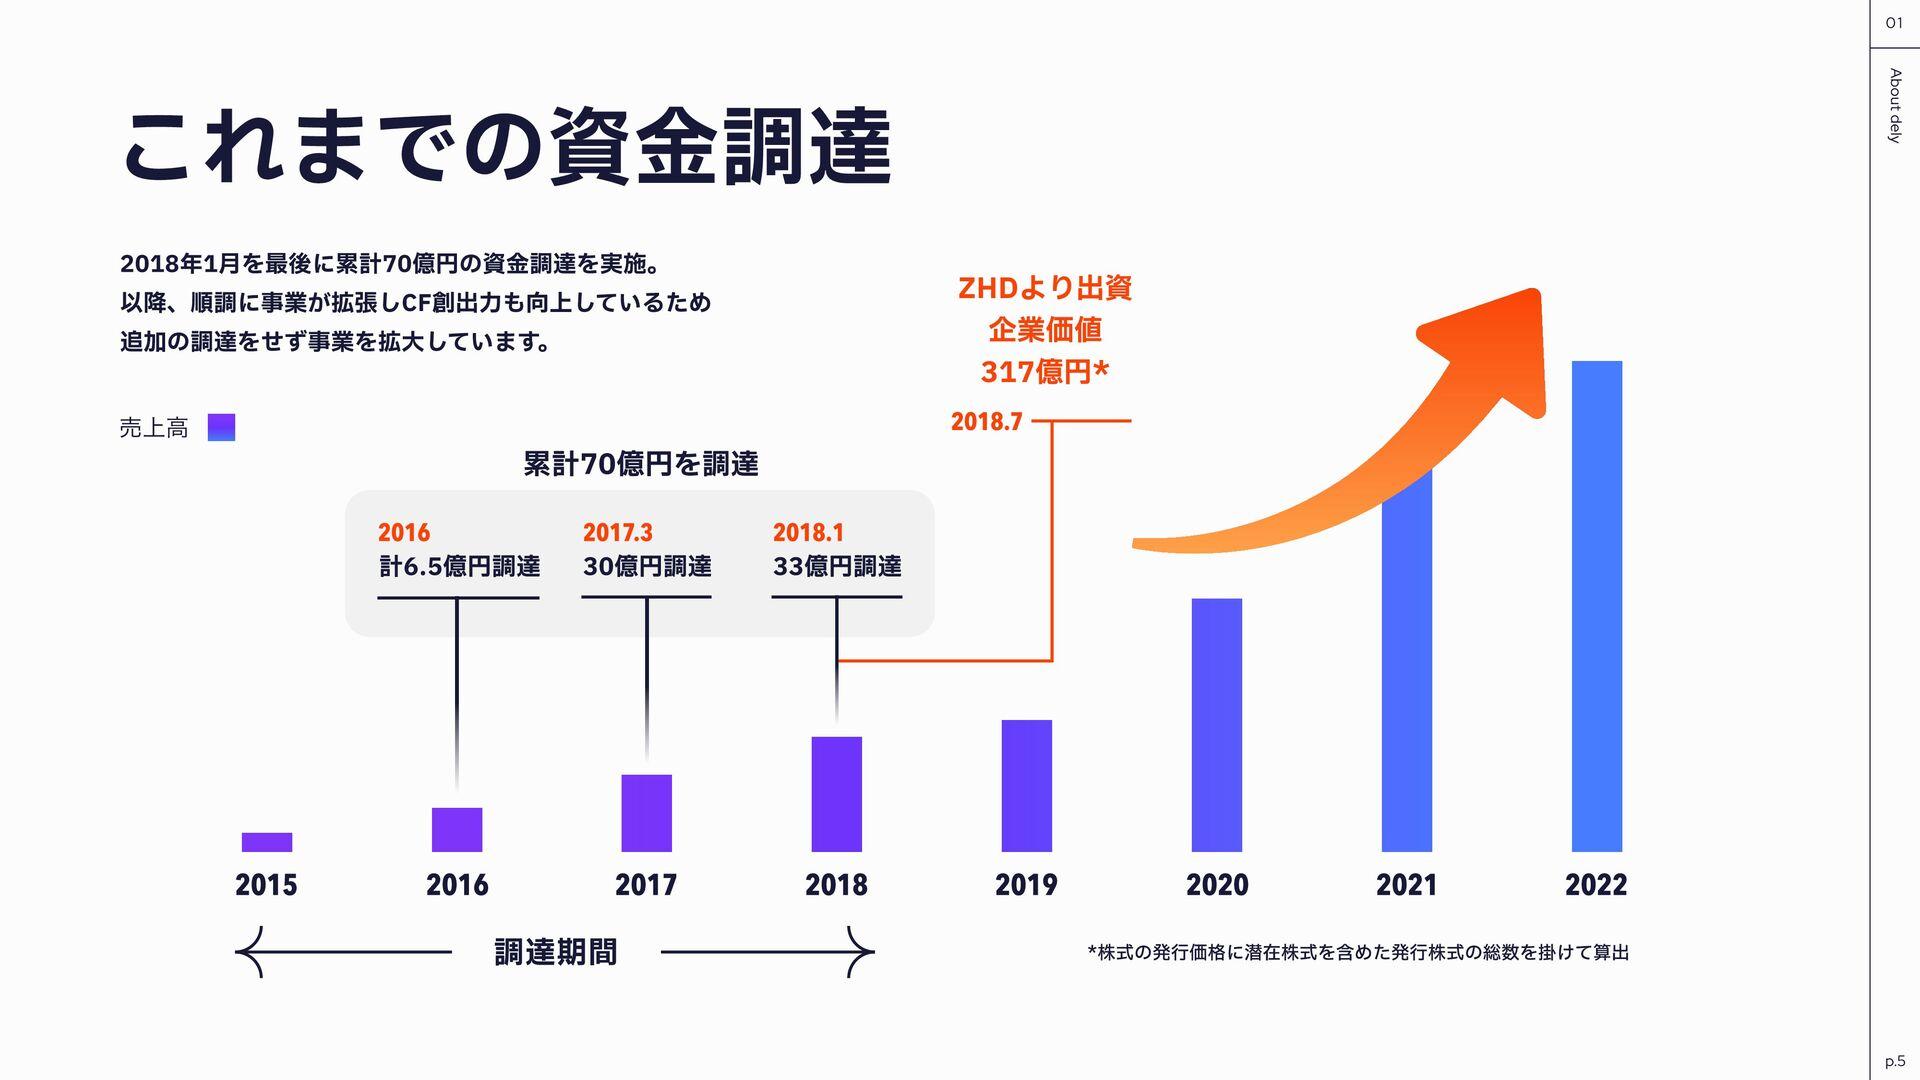 Vision BE THE SUN のように熱い情熱を燃やし、世界に大きなインパクトを与える存...